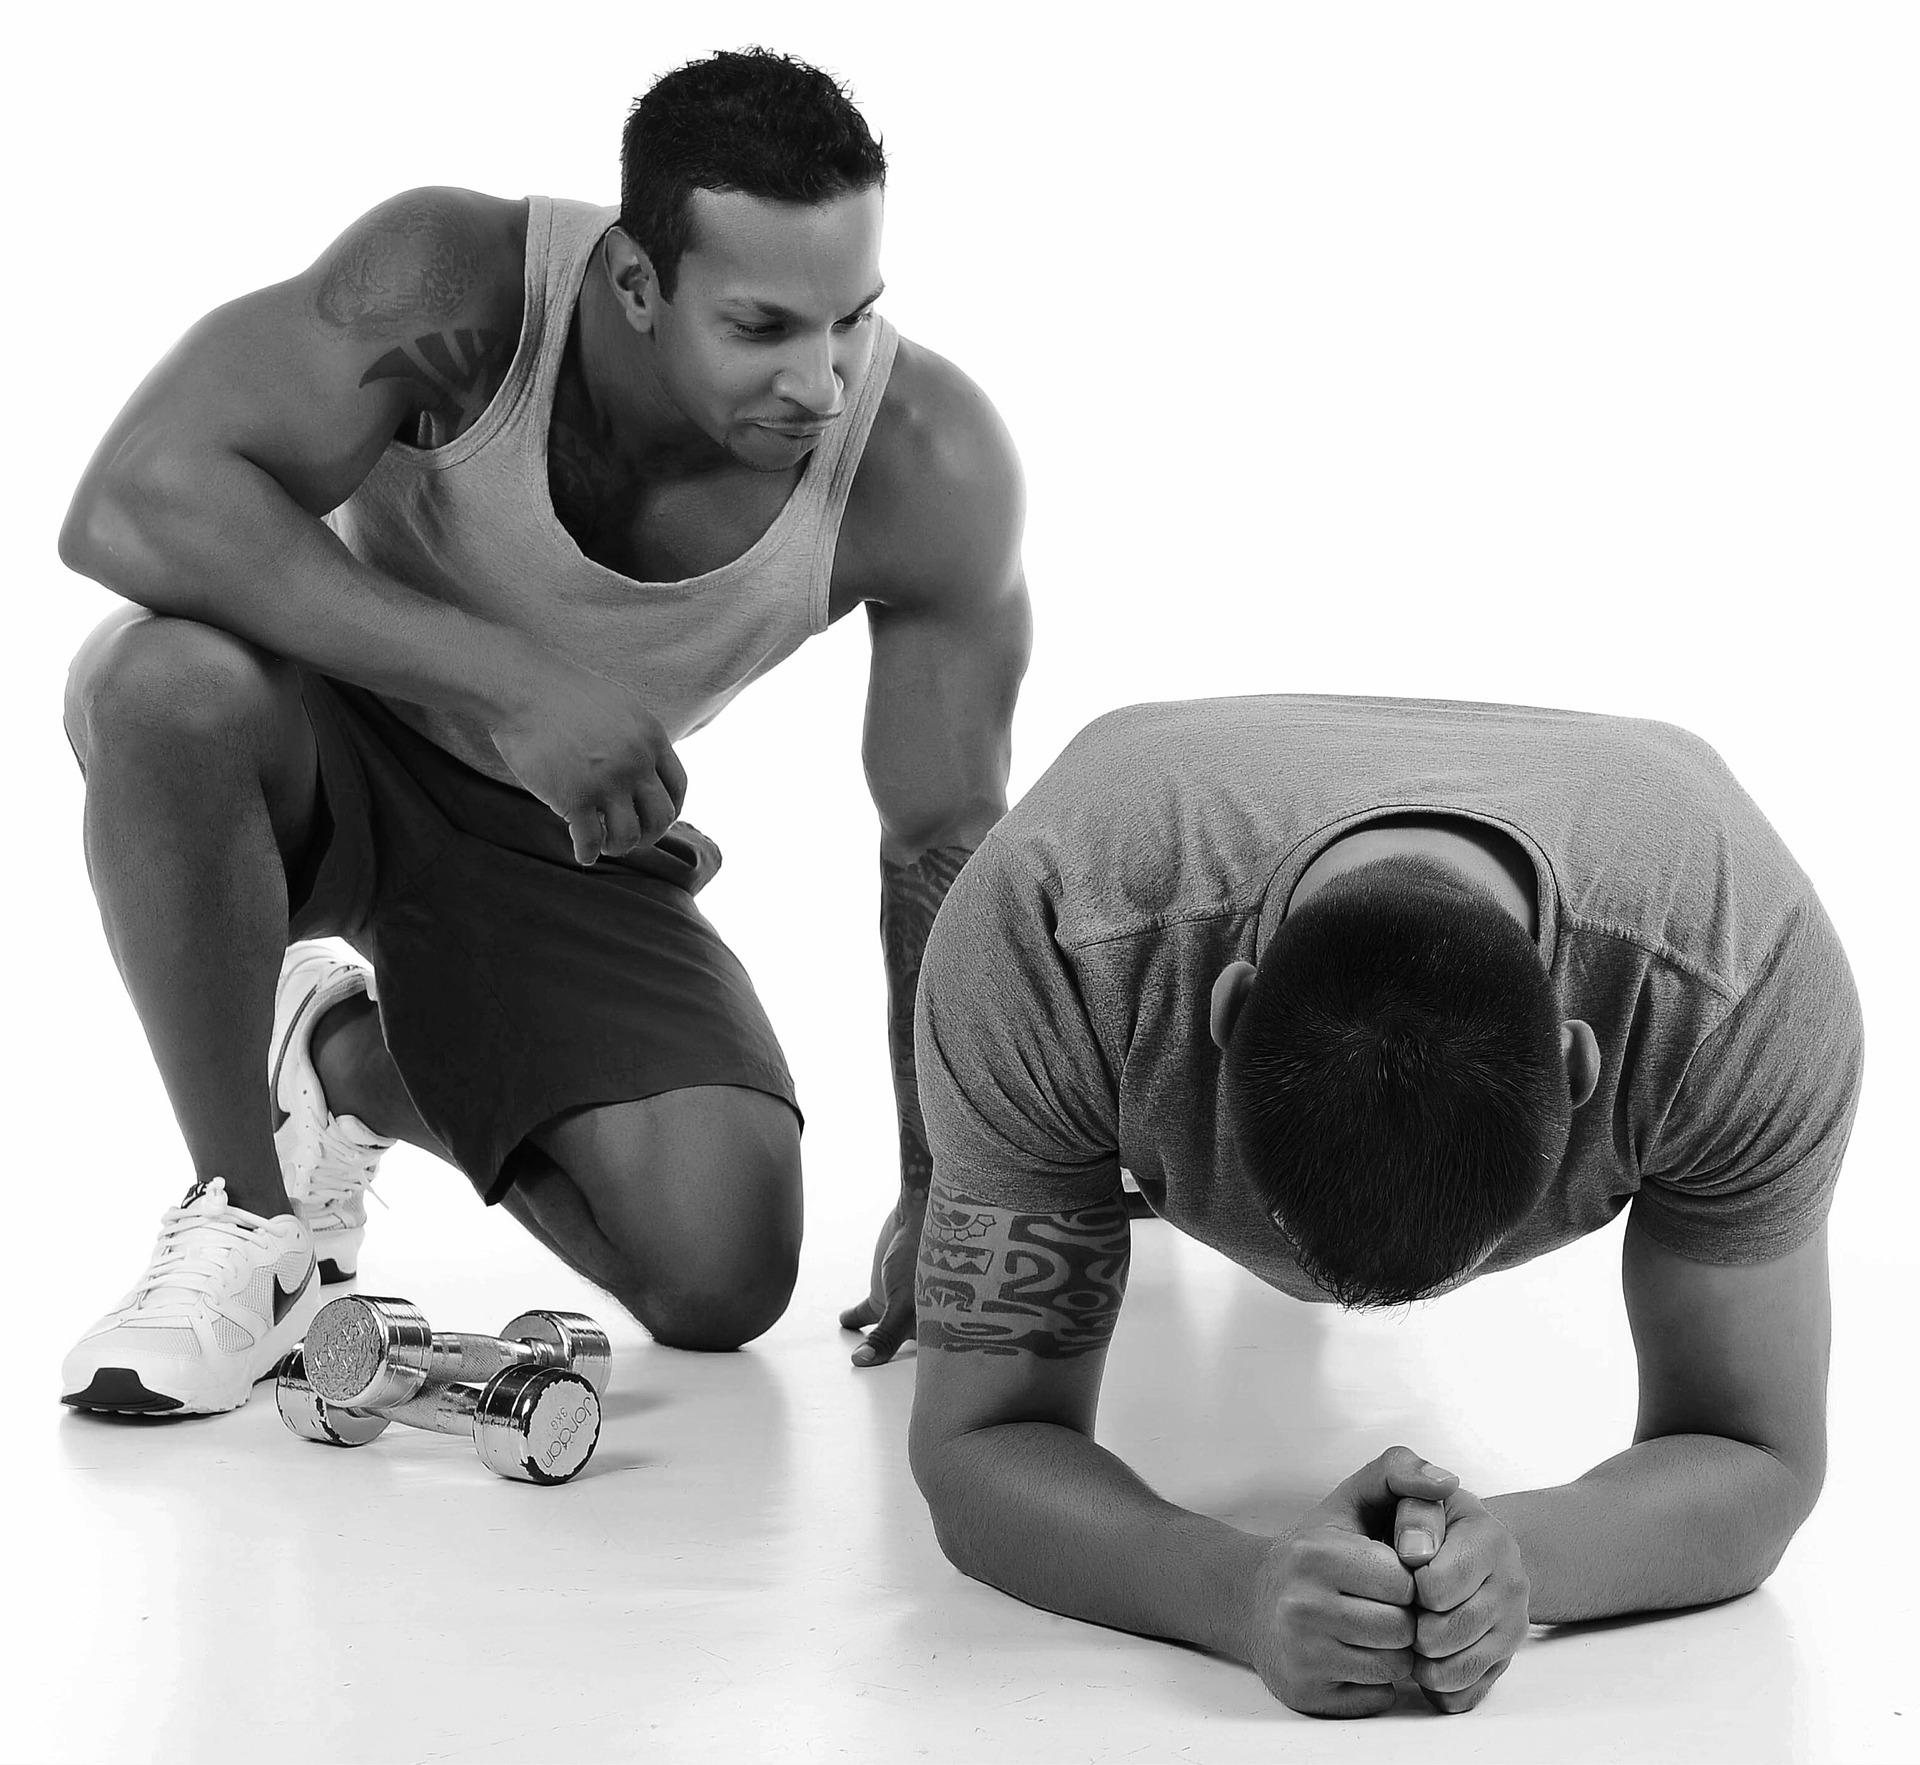 W jaki sposób motywować się do ćwiczeń?